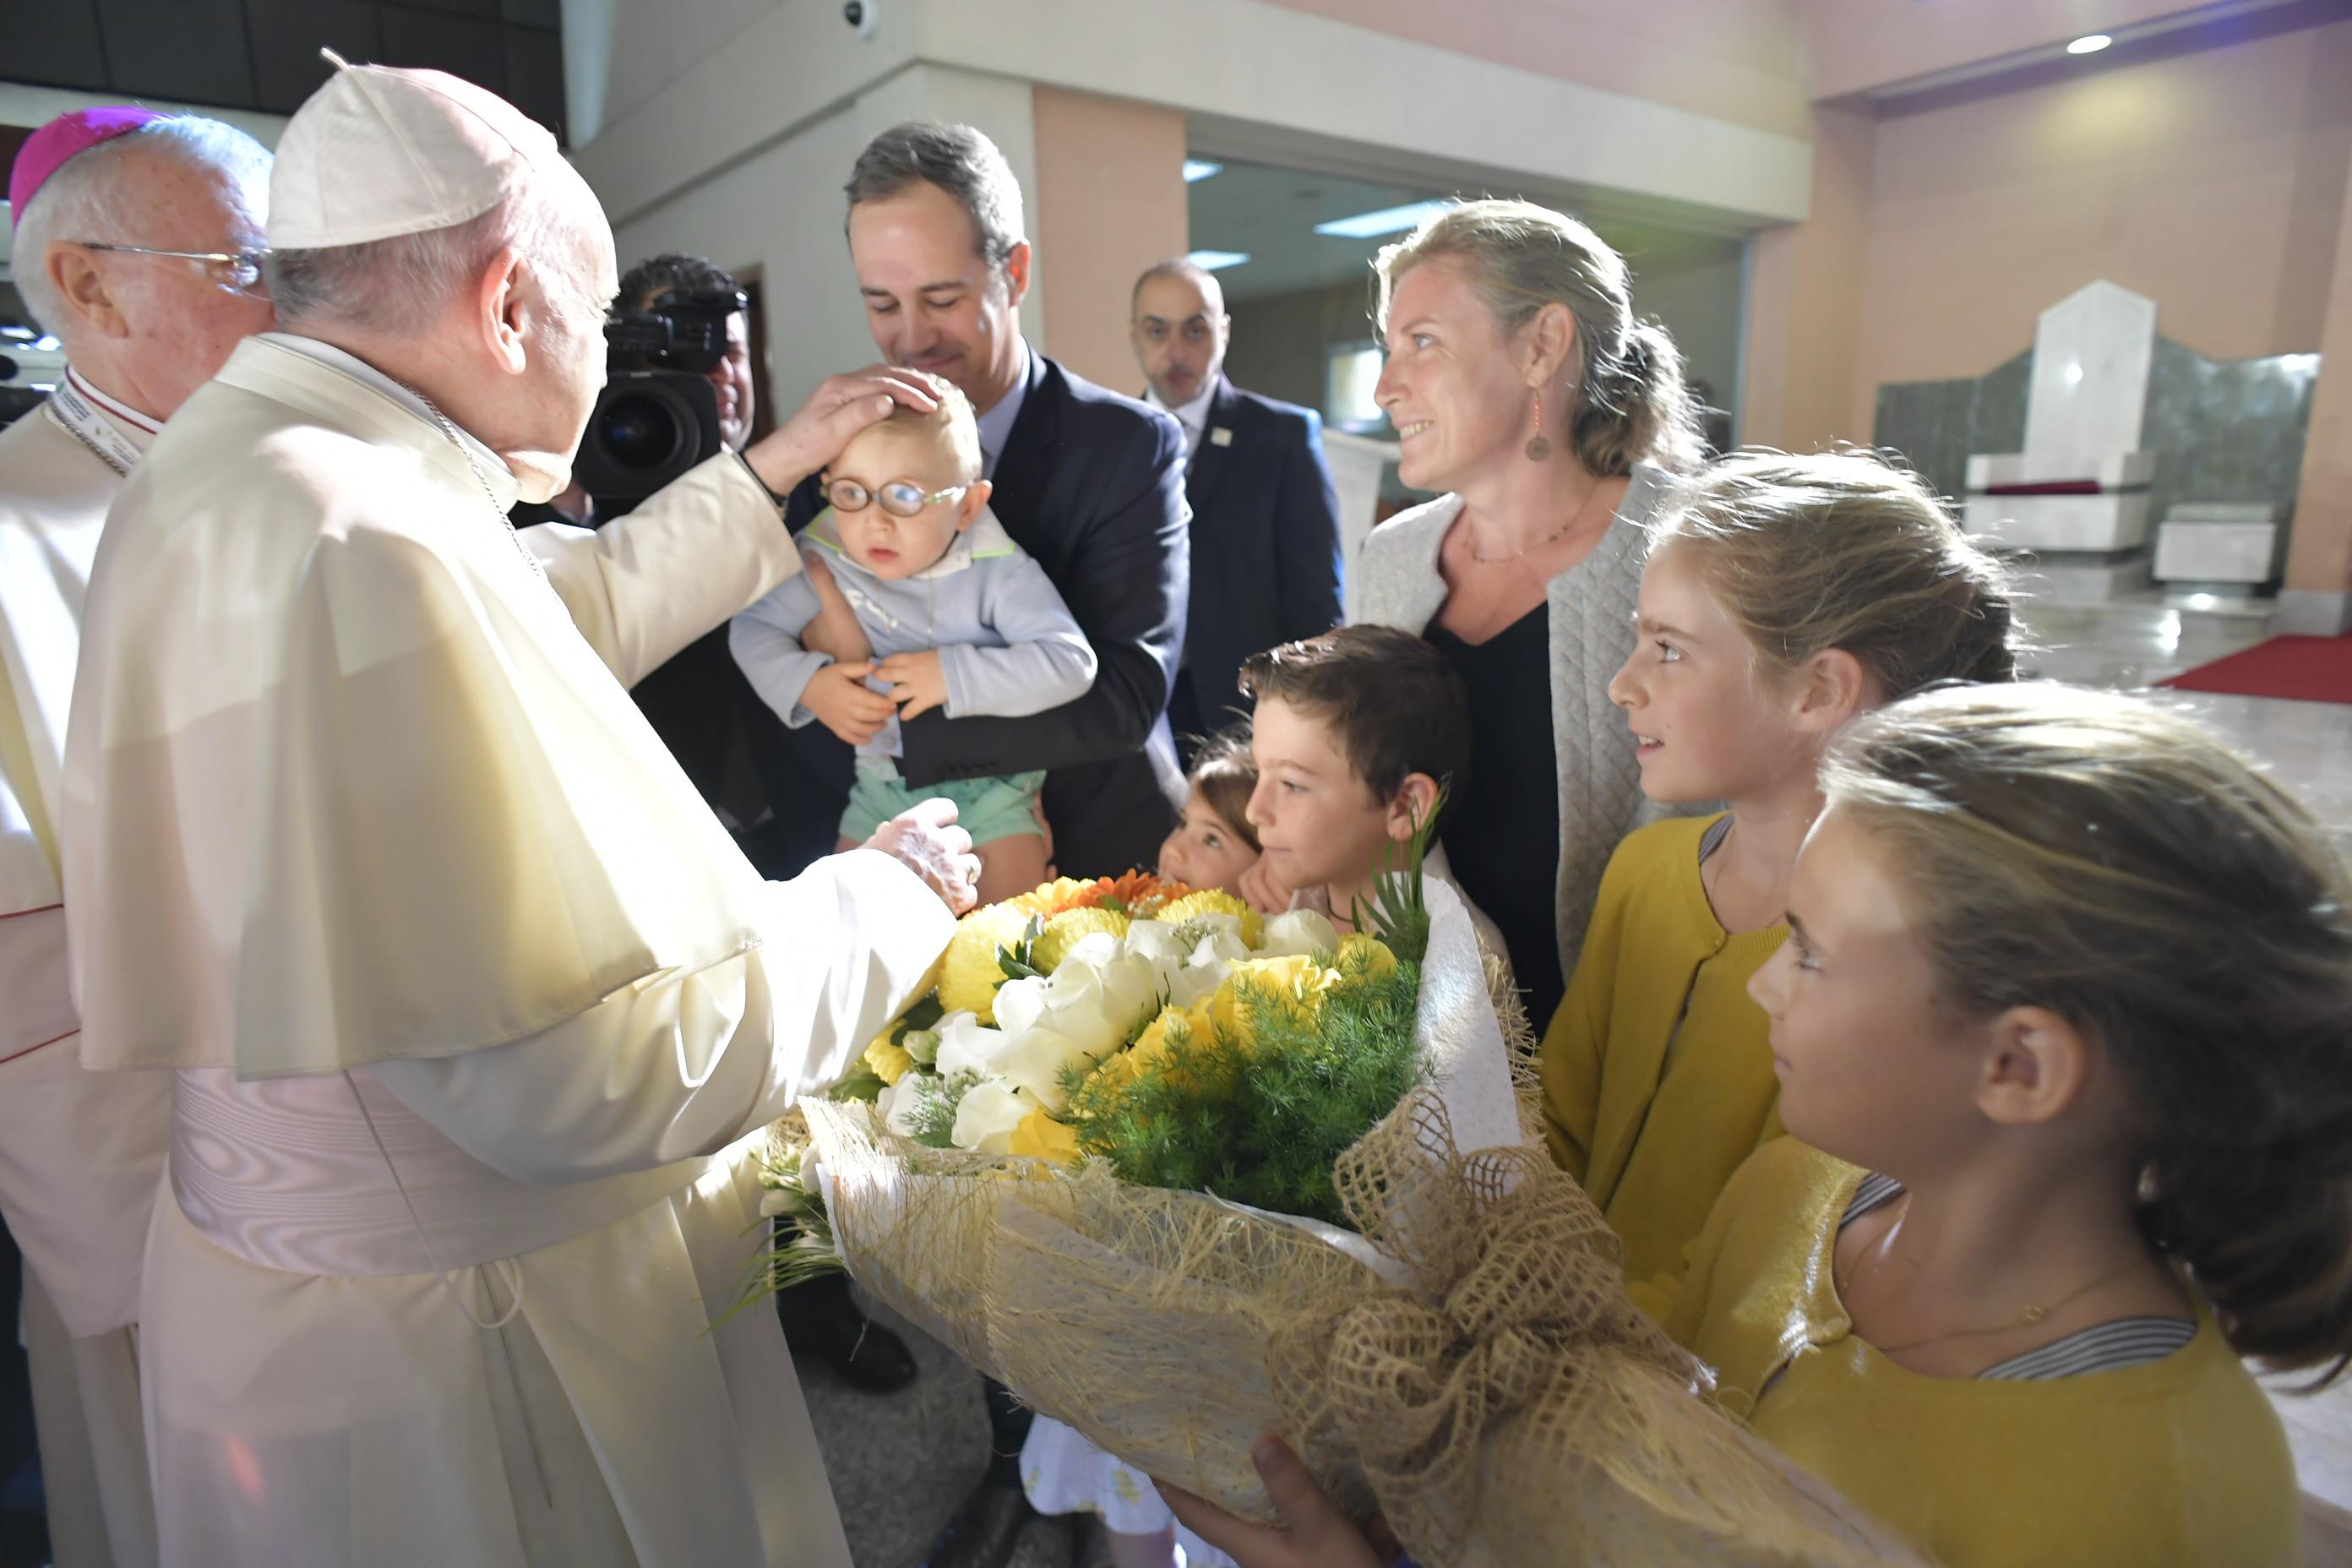 El Papa saluda a una familia en la Catedral de San José, Abu Dhabi © Vatican Media